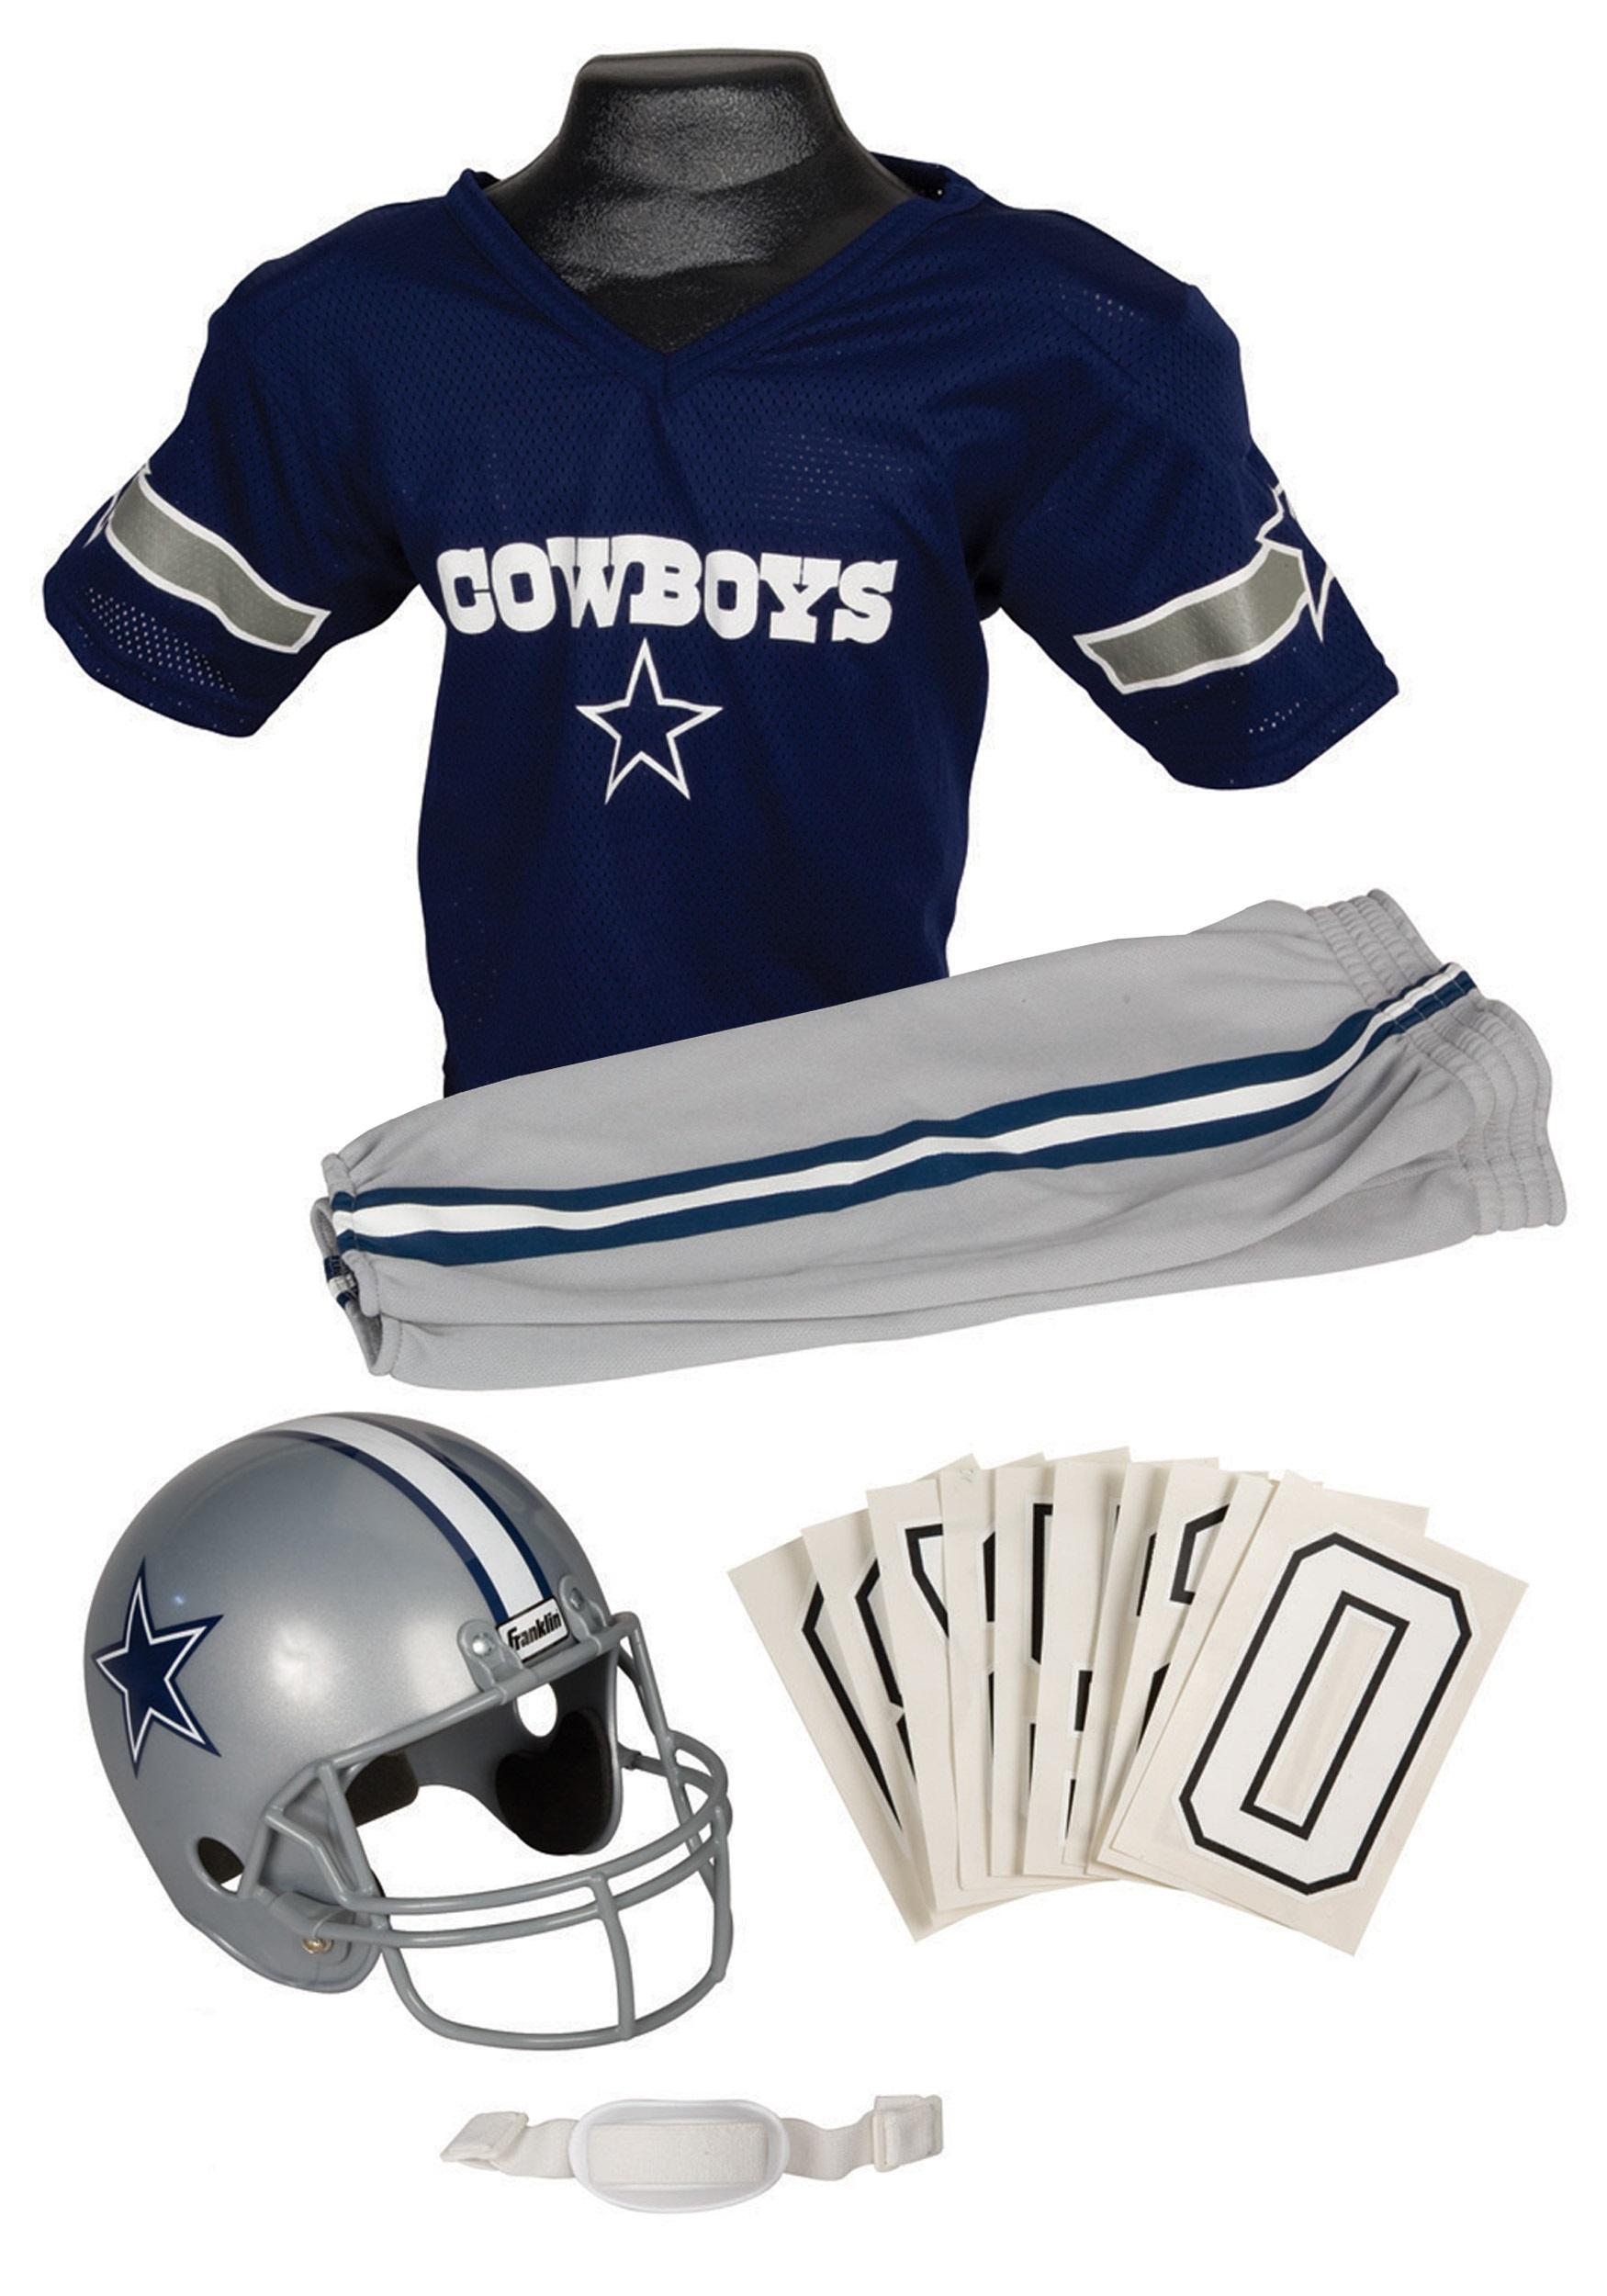 Discount NFL Kids Cowboys Uniform Costume